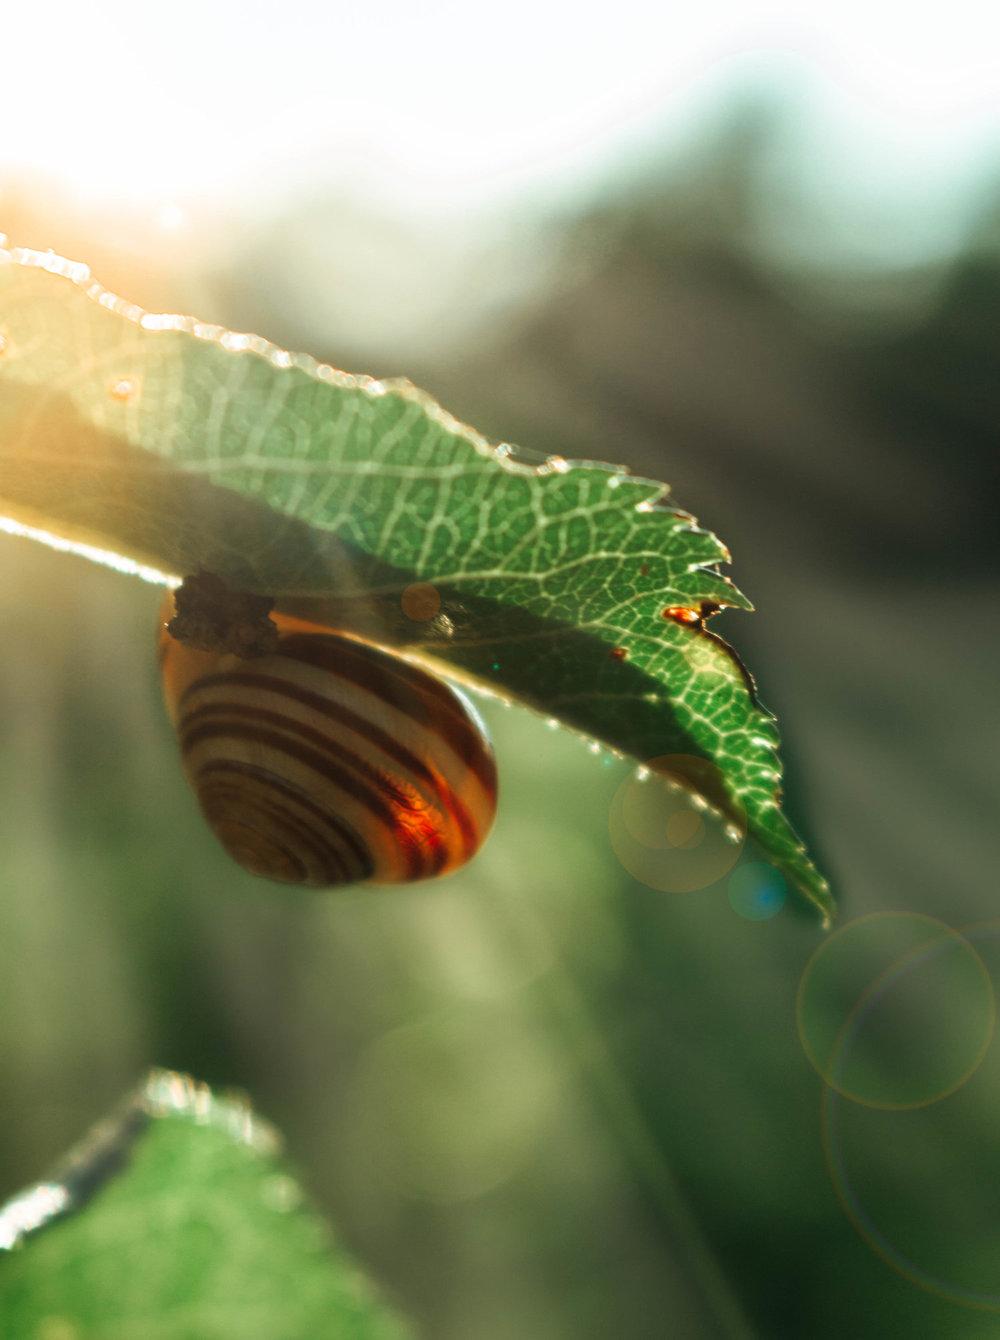 IMG_7991-Editmontreal+shots.jpg